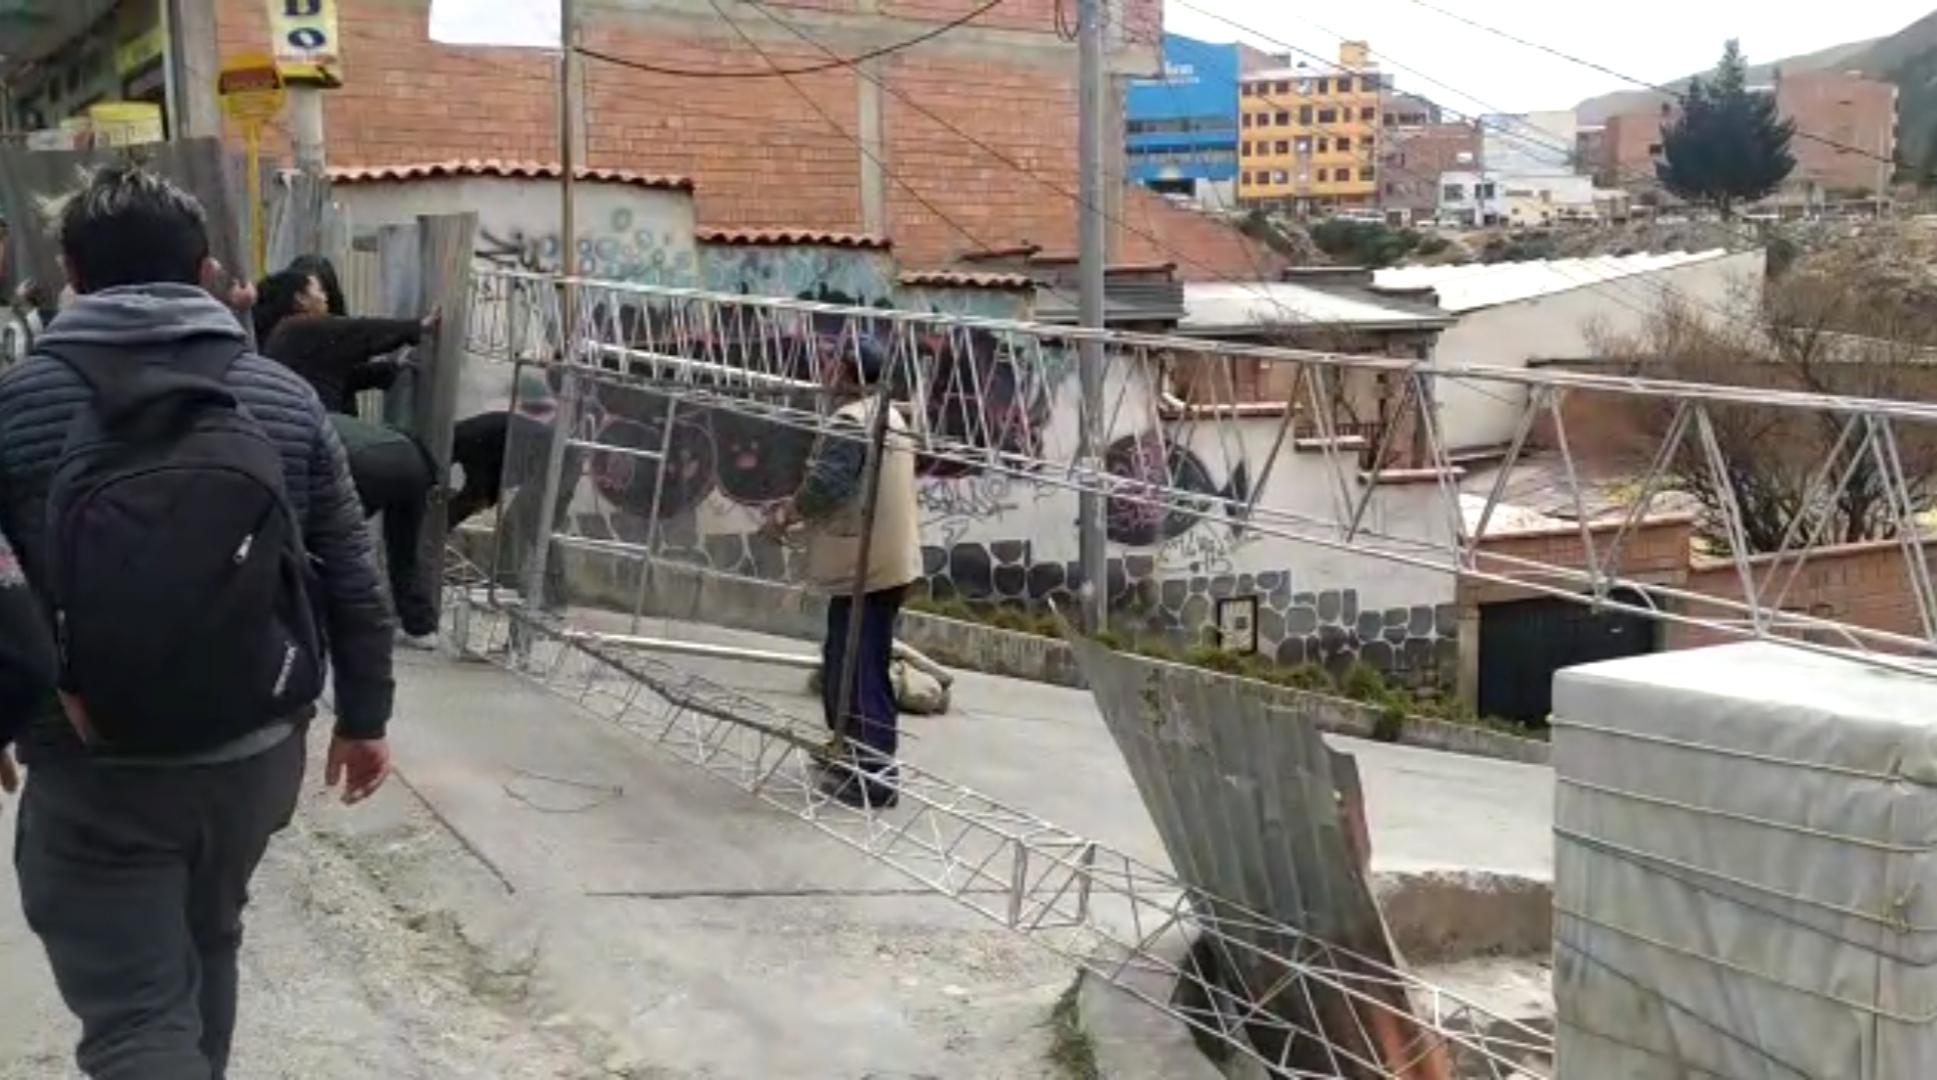 Vecinos arman barricadas en sus domicilios ante un posible enfrentamiento entre cocaleros y policías